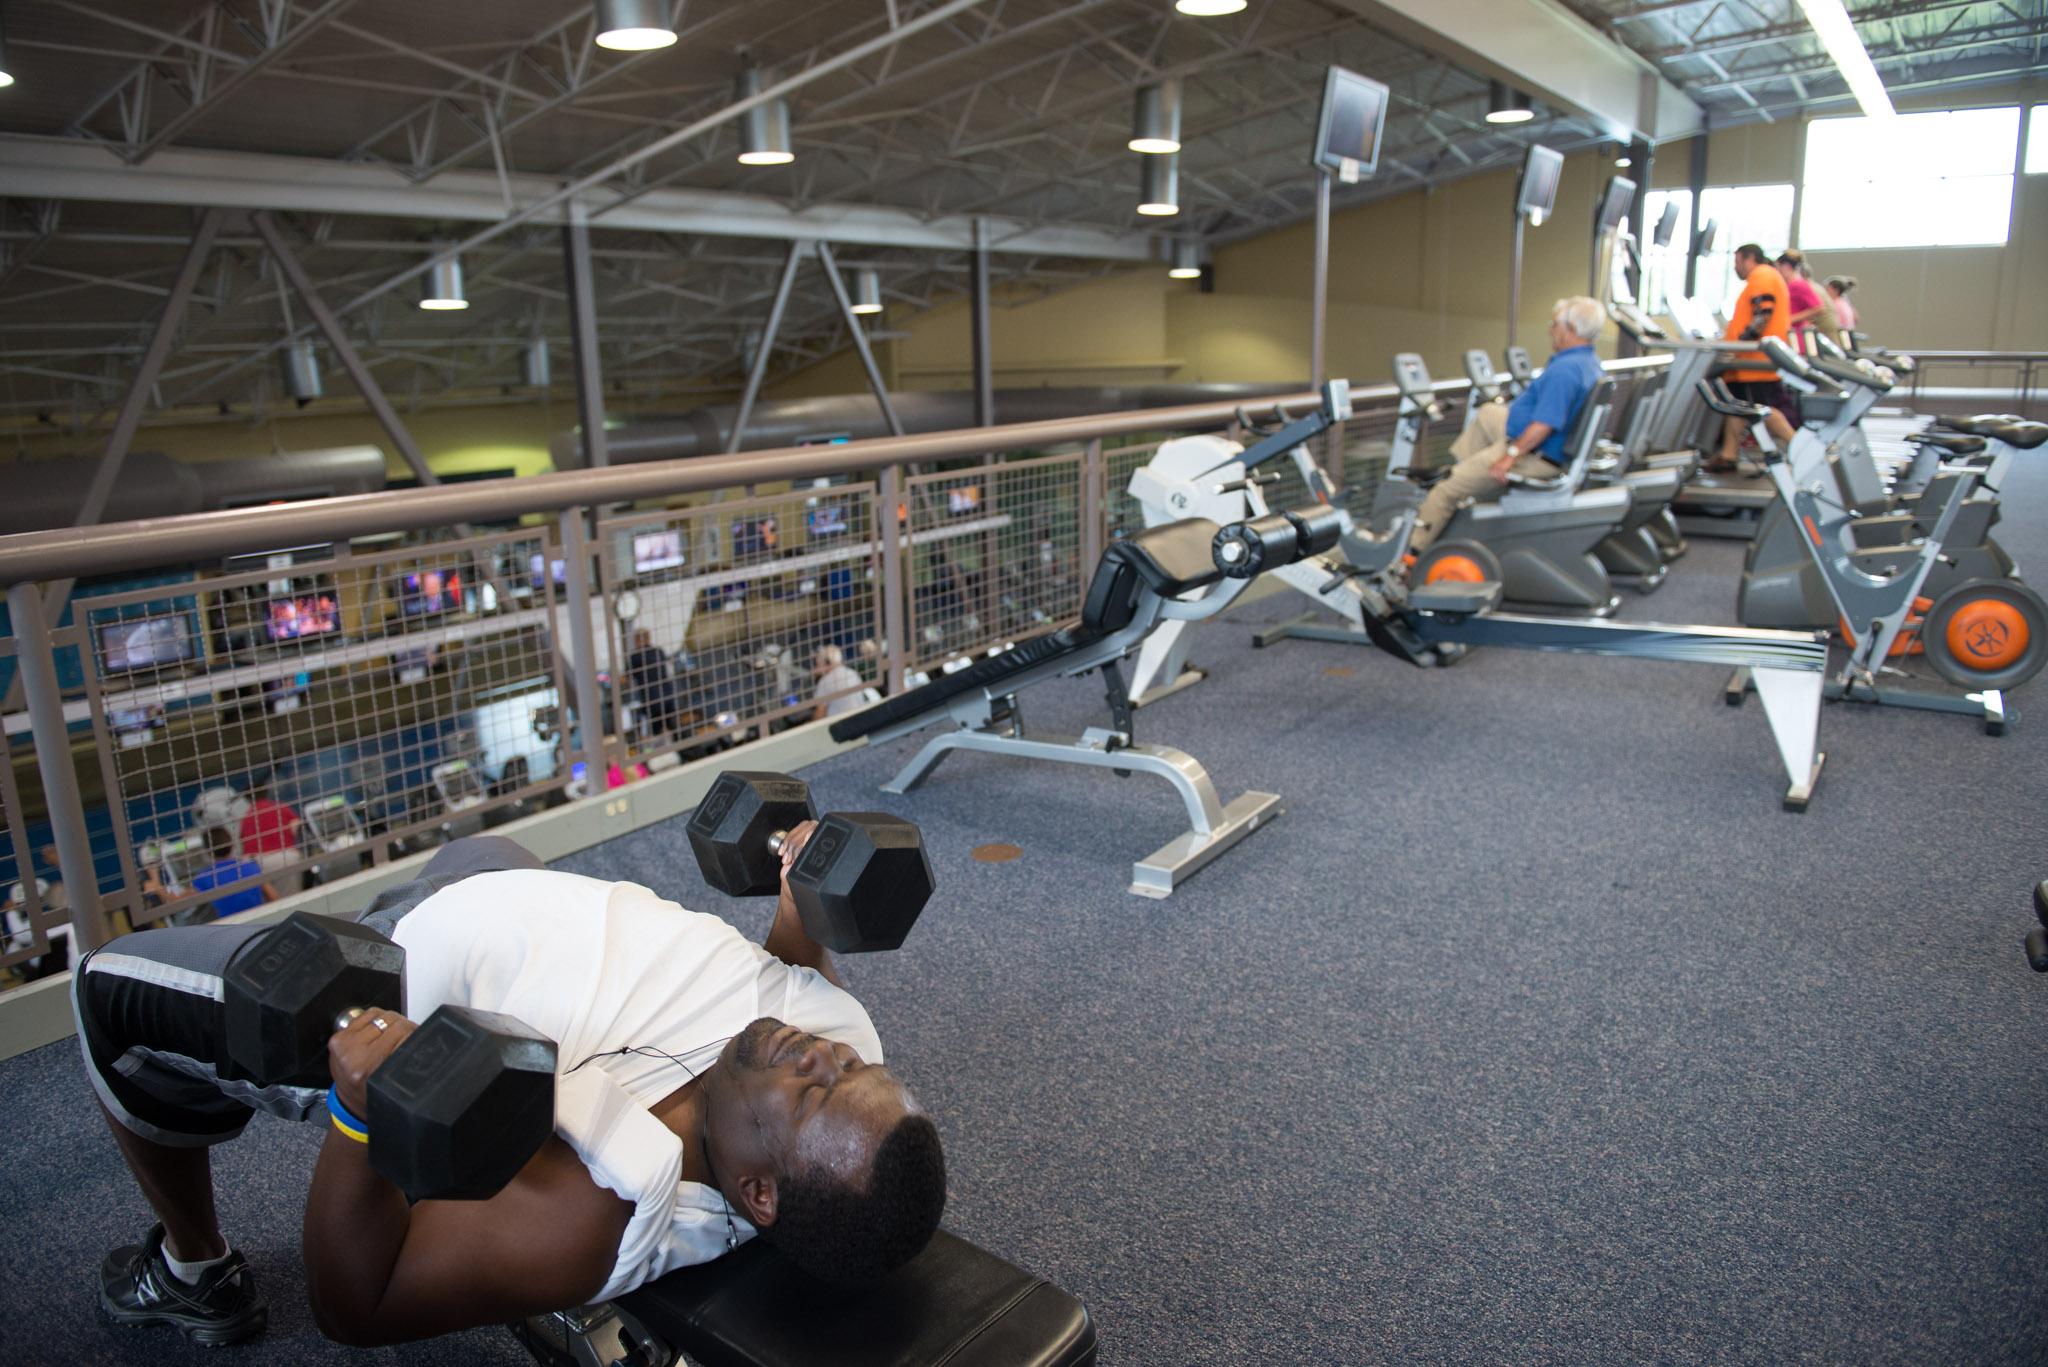 Wellness Center Stock Photos-1353.jpg